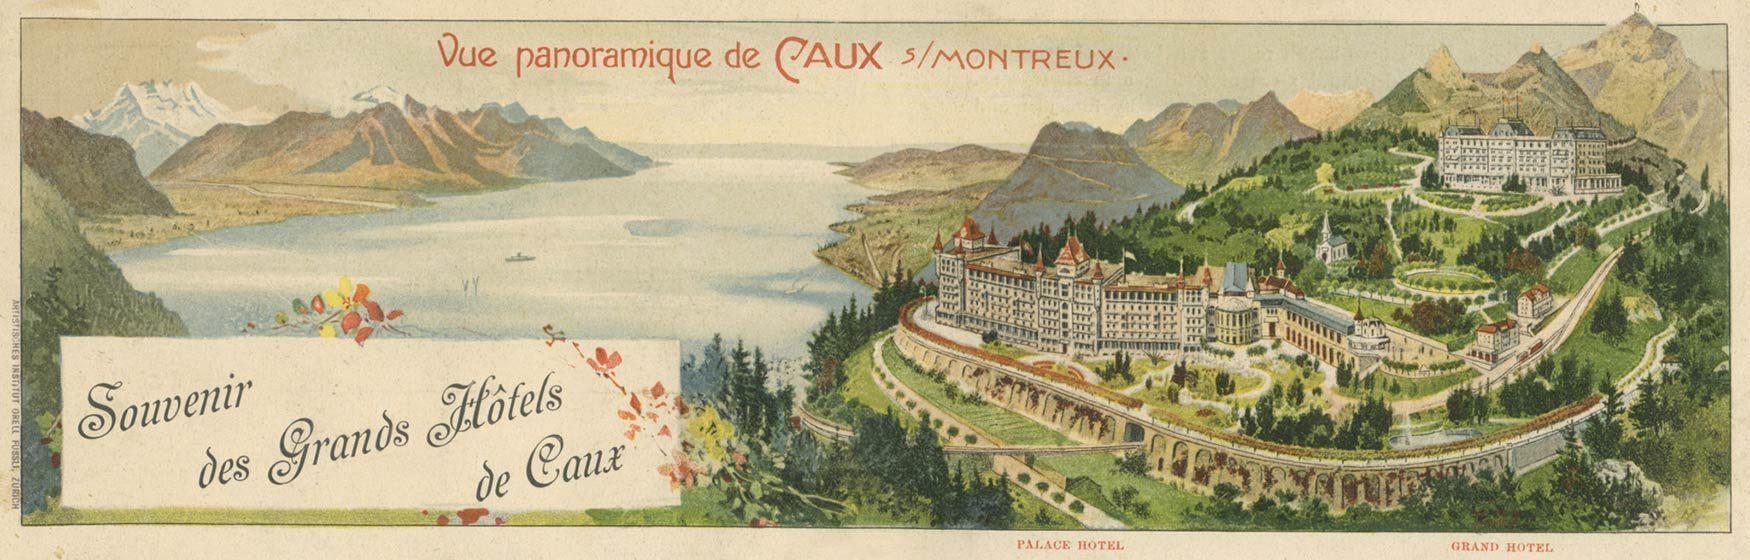 Vue panoramique de Caux sur Montreux. Souvenir des Grands Hôtels de Caux. © Artistisches Institut Orell Füssli, Zürich